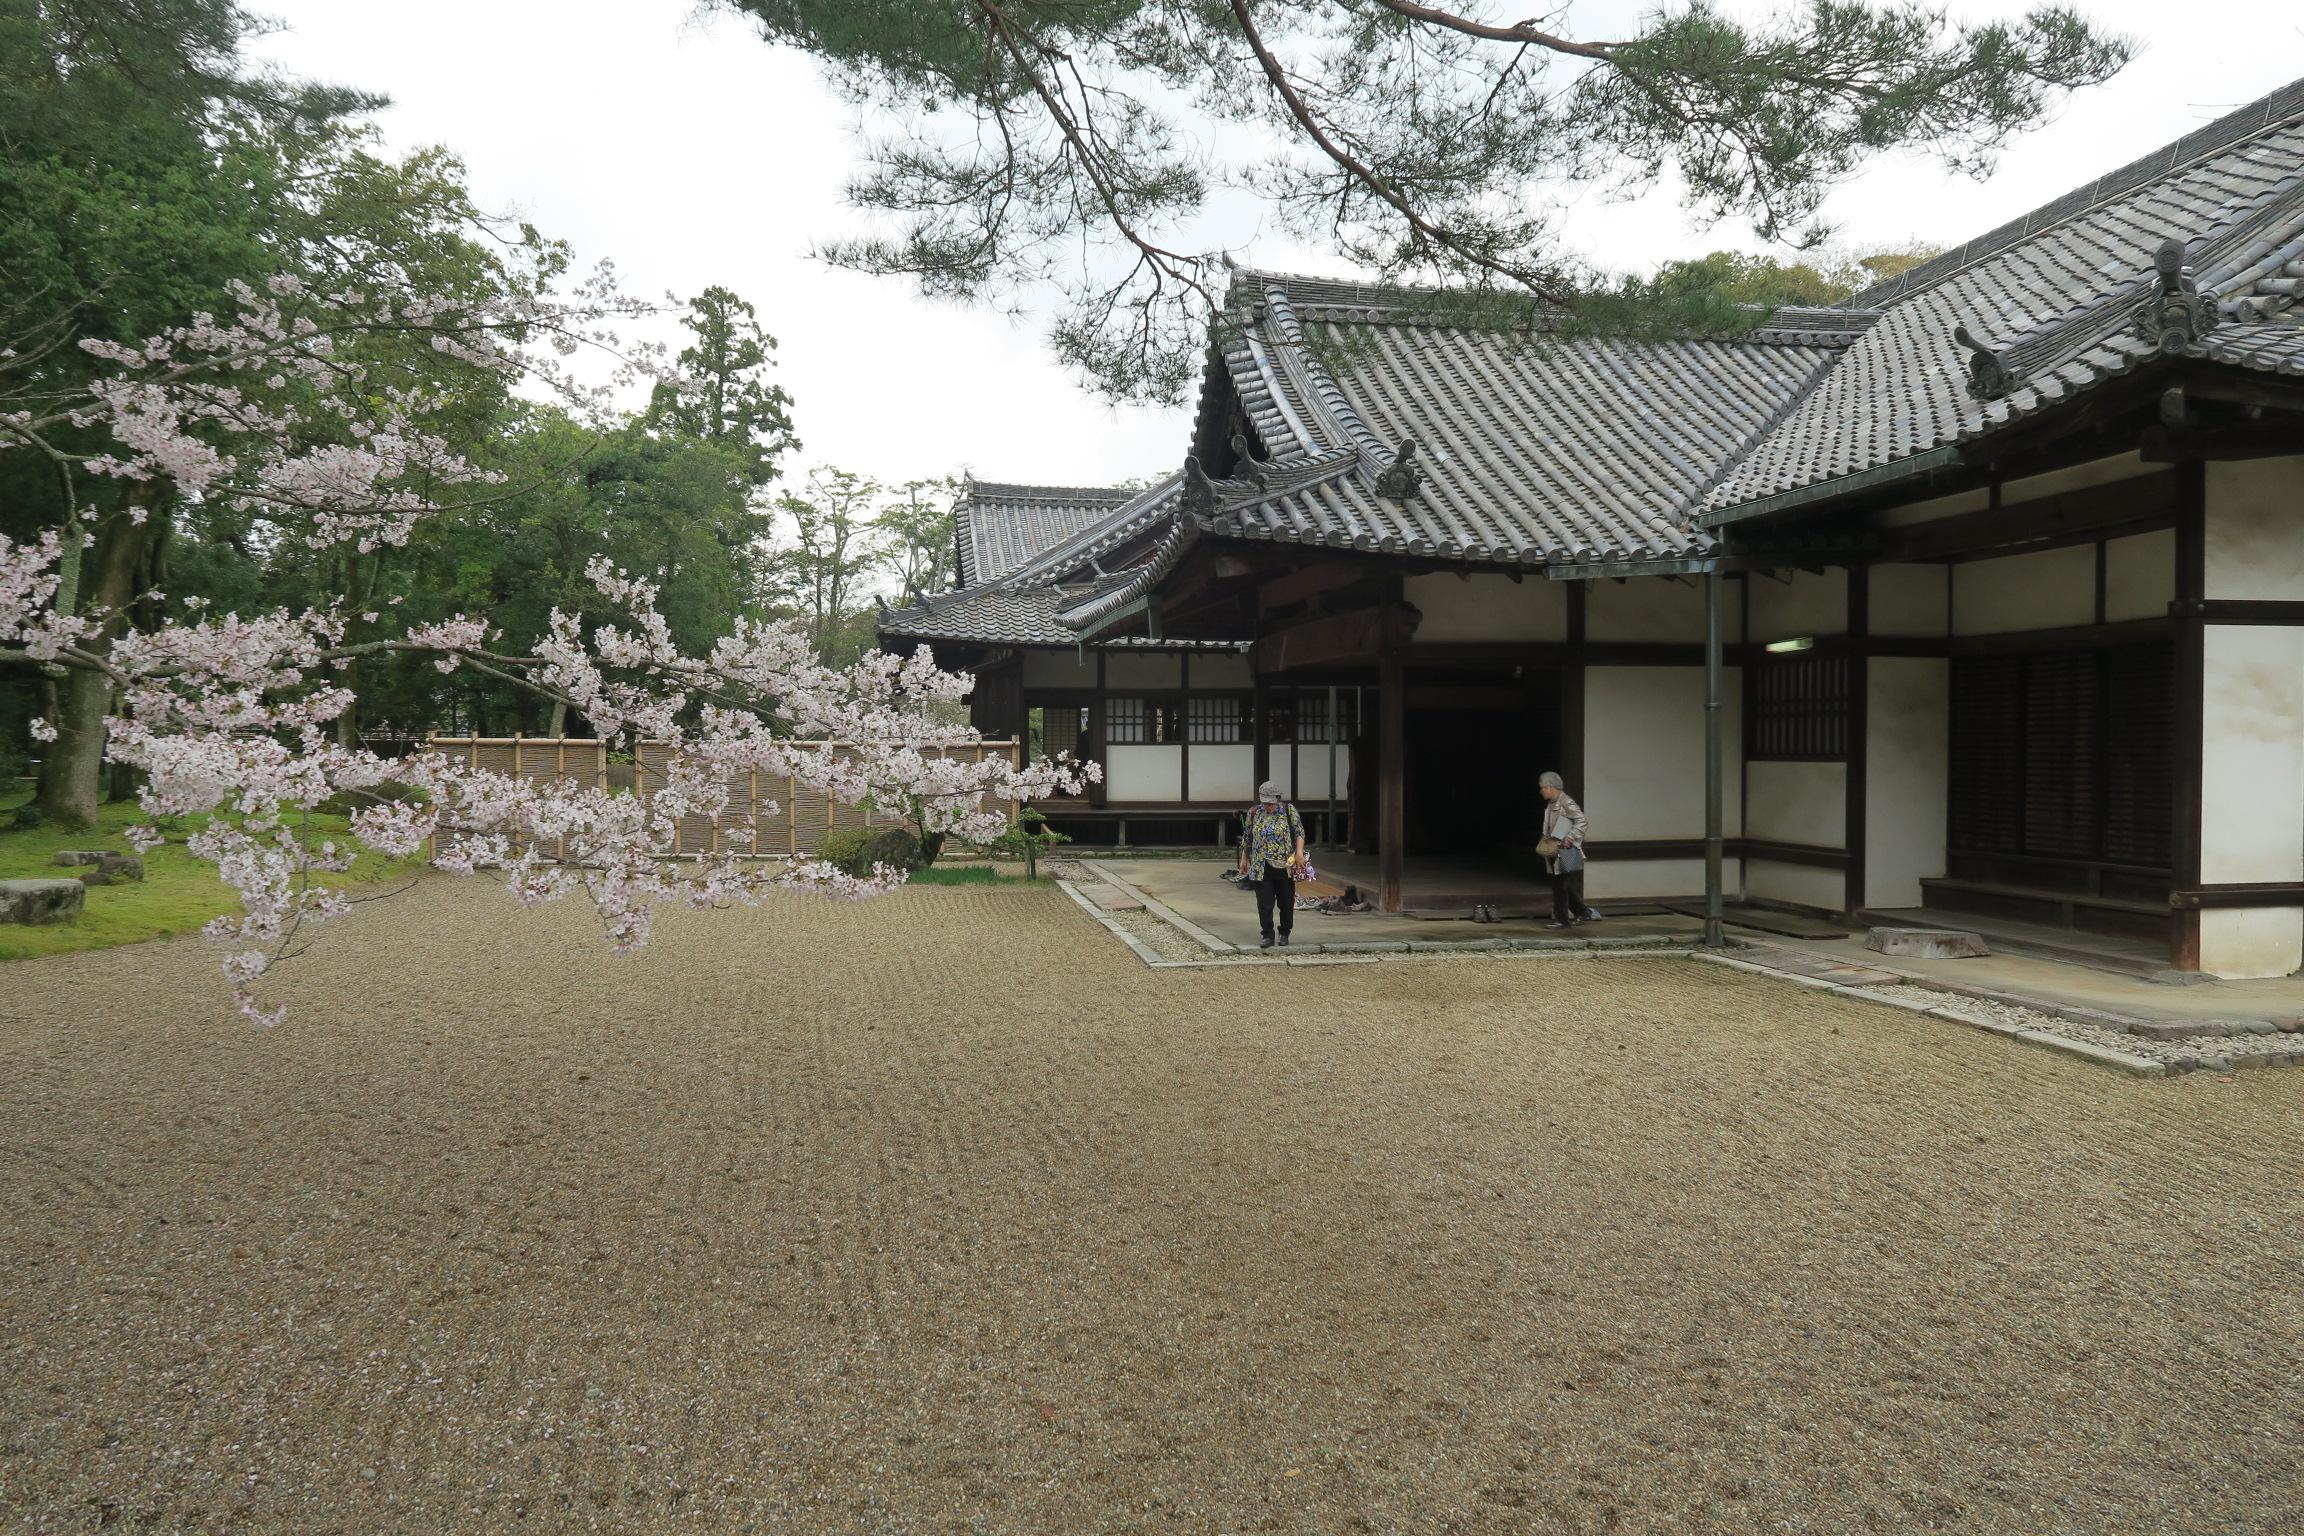 橿原神宮の文華殿(旧織田屋形)が特別公開。江戸時代の大名屋形の姿として貴重な建物。